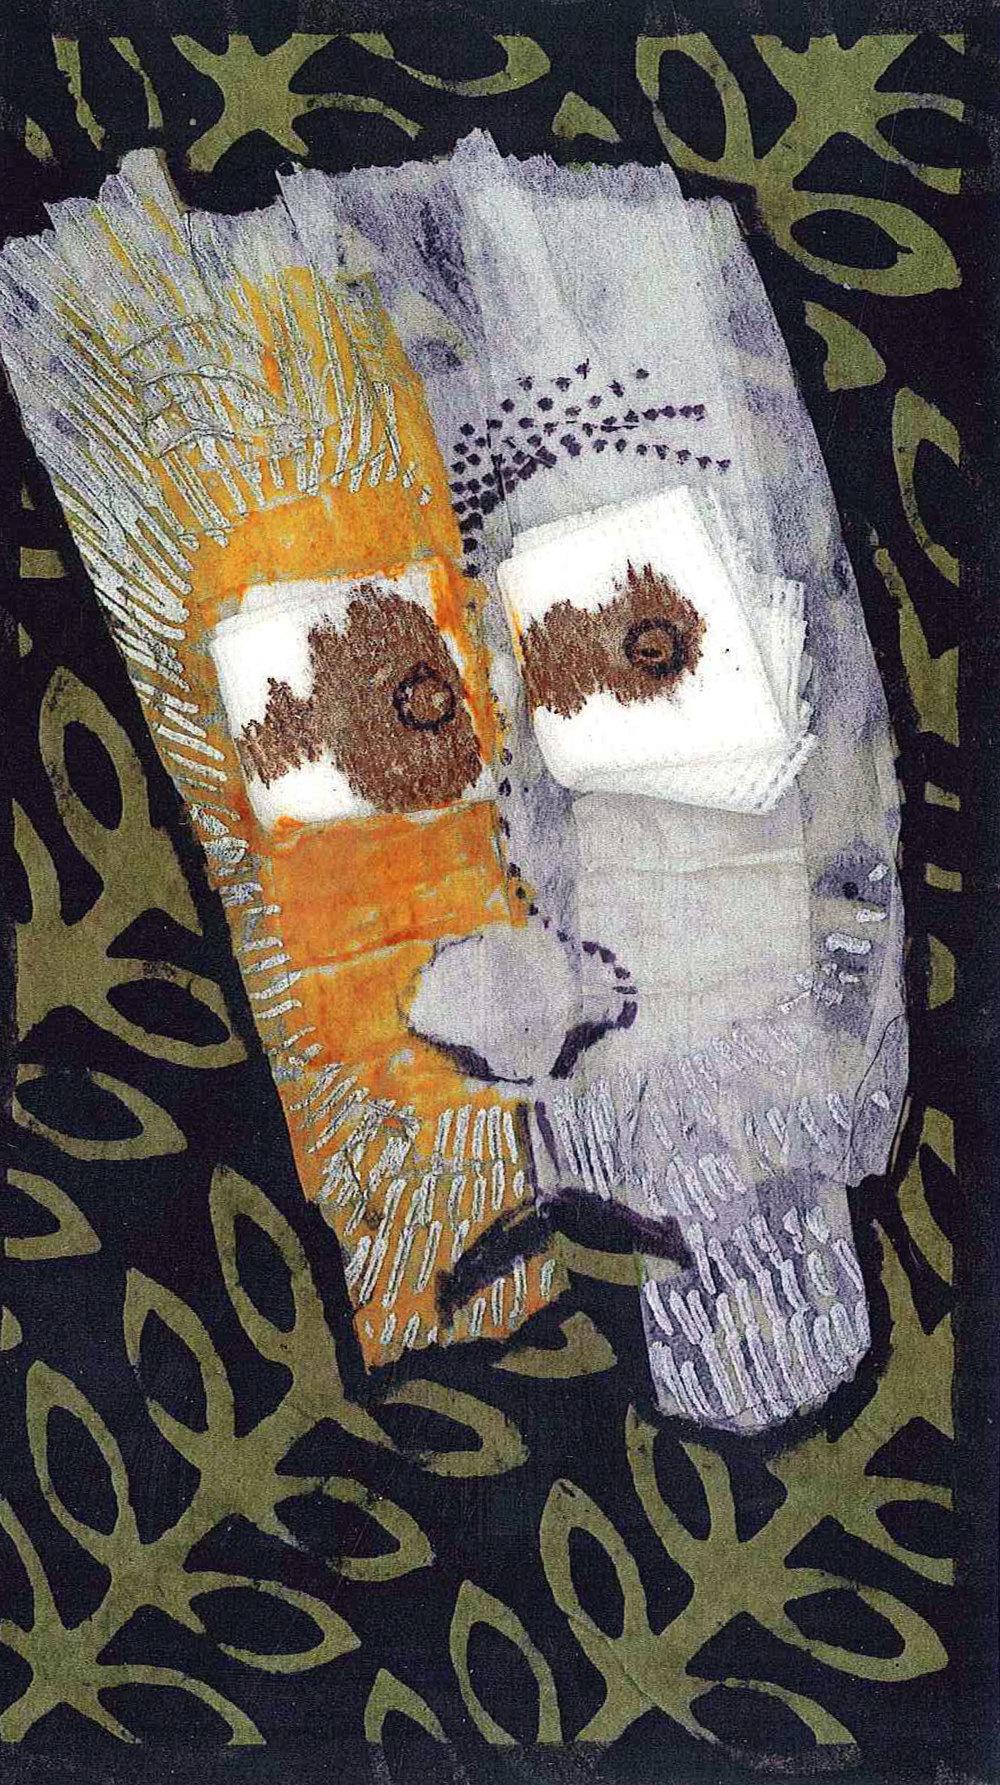 bandage_face-2.jpg